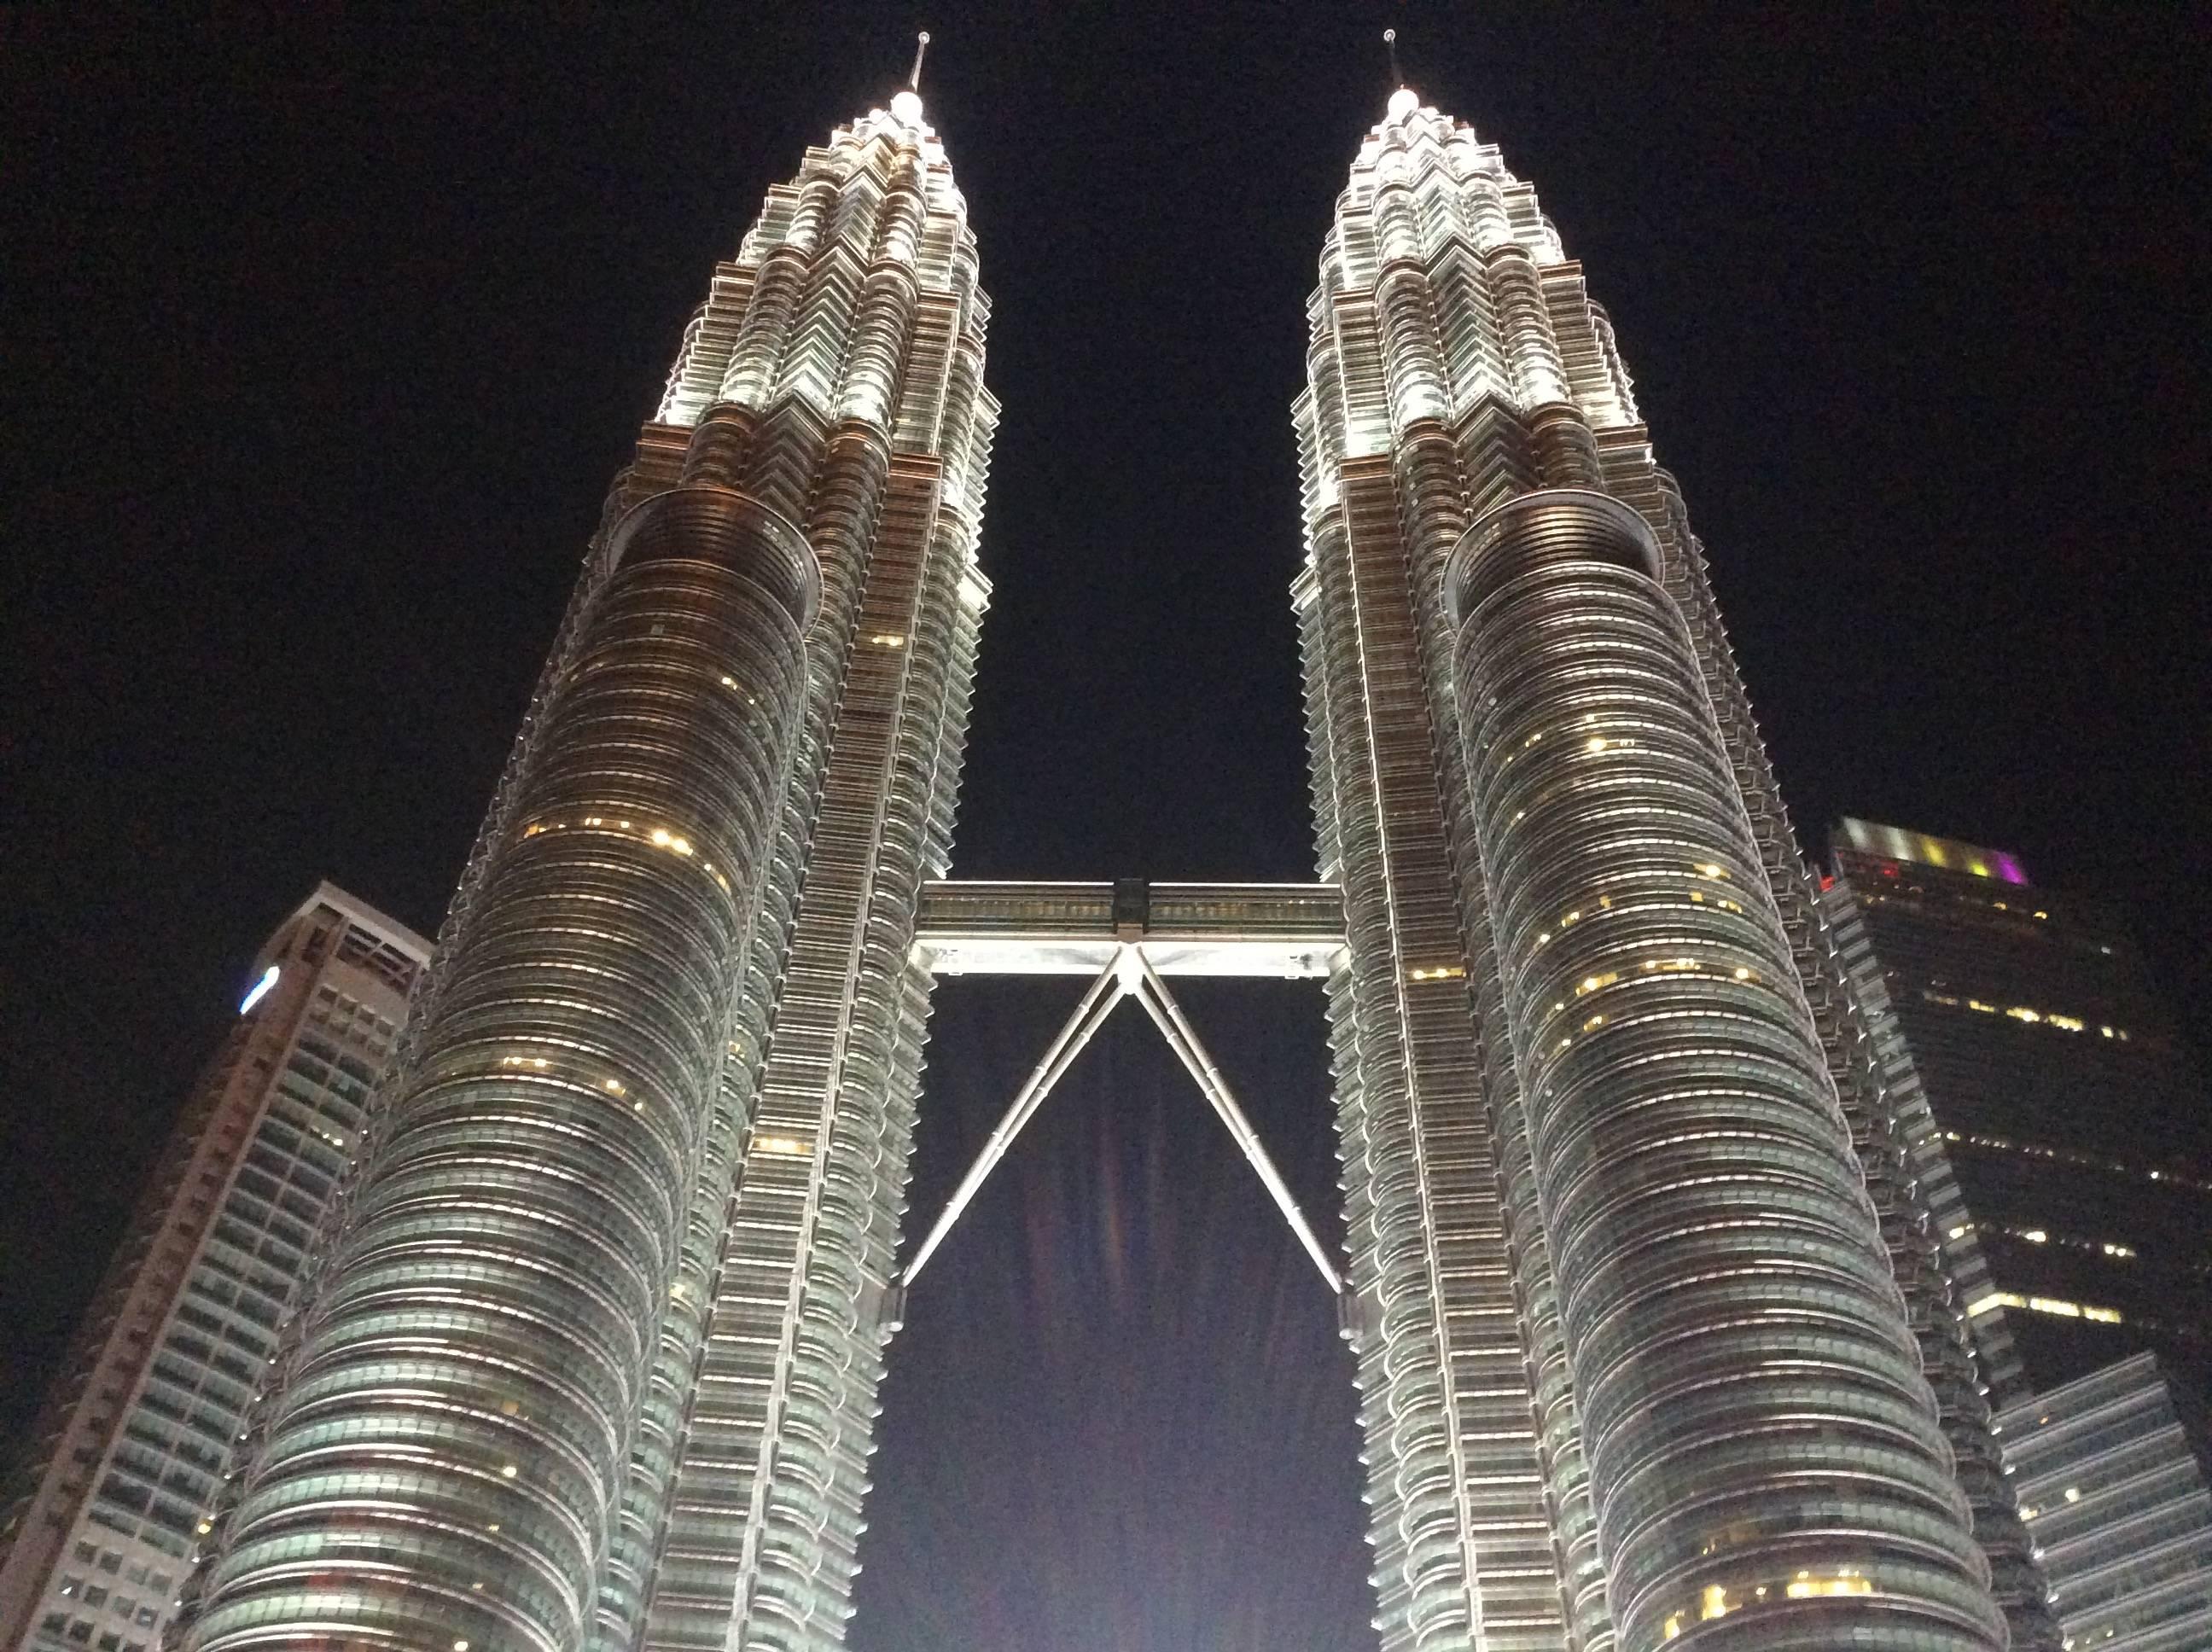 Photo 1: Kuala Lumpur à 360°